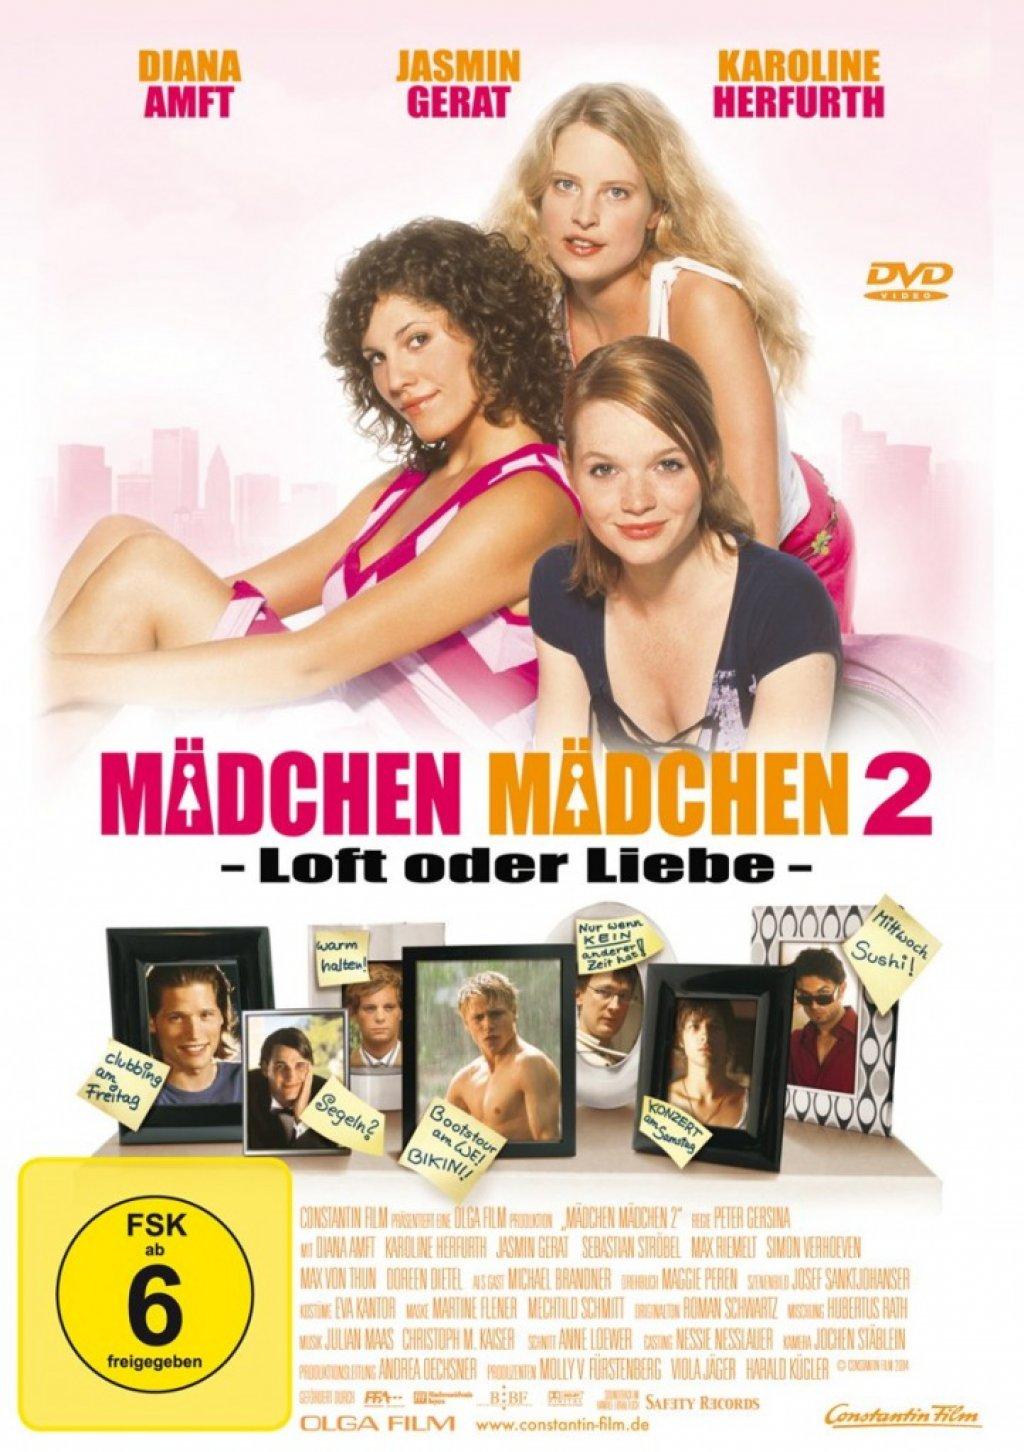 Mädchen Mädchen 2 - Loft oder Liebe (DVD)